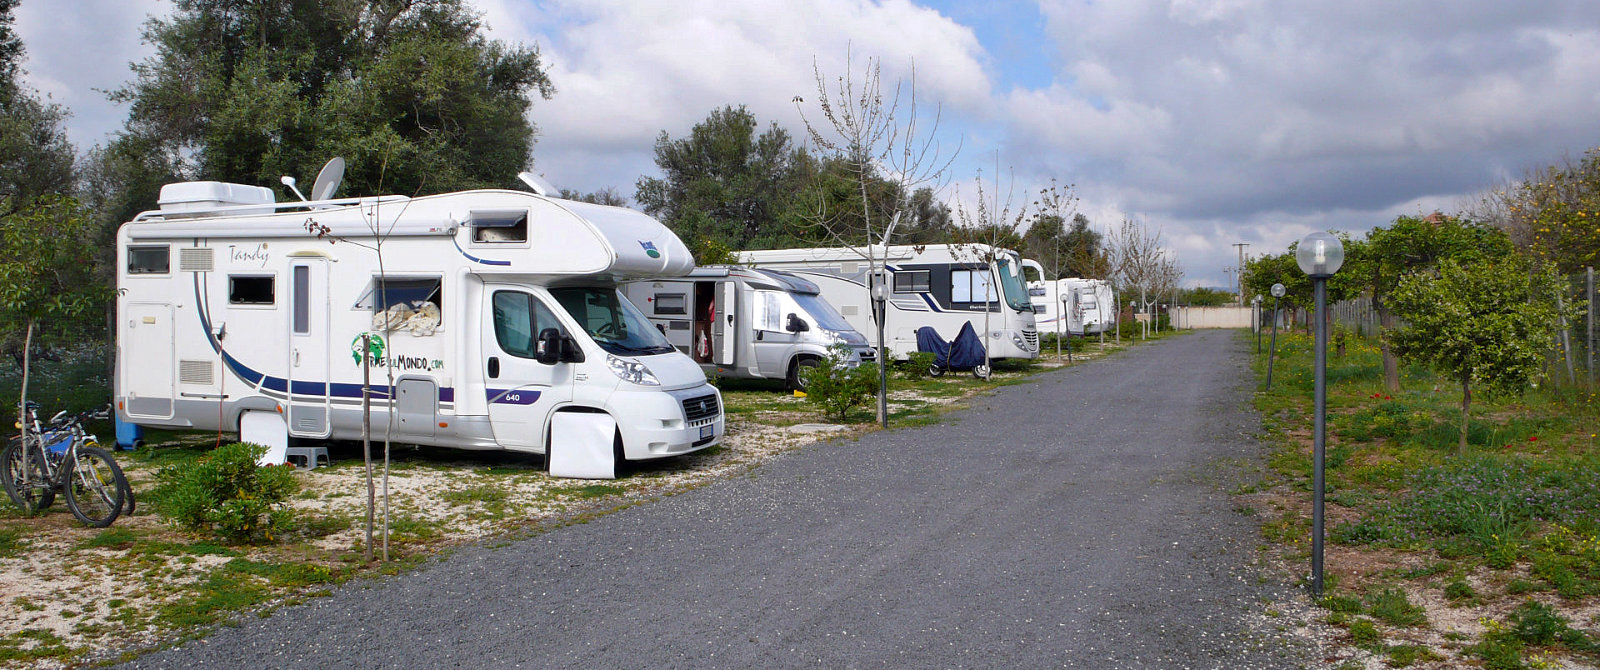 Area Camper Oasi Falconara, di Alberto Messina